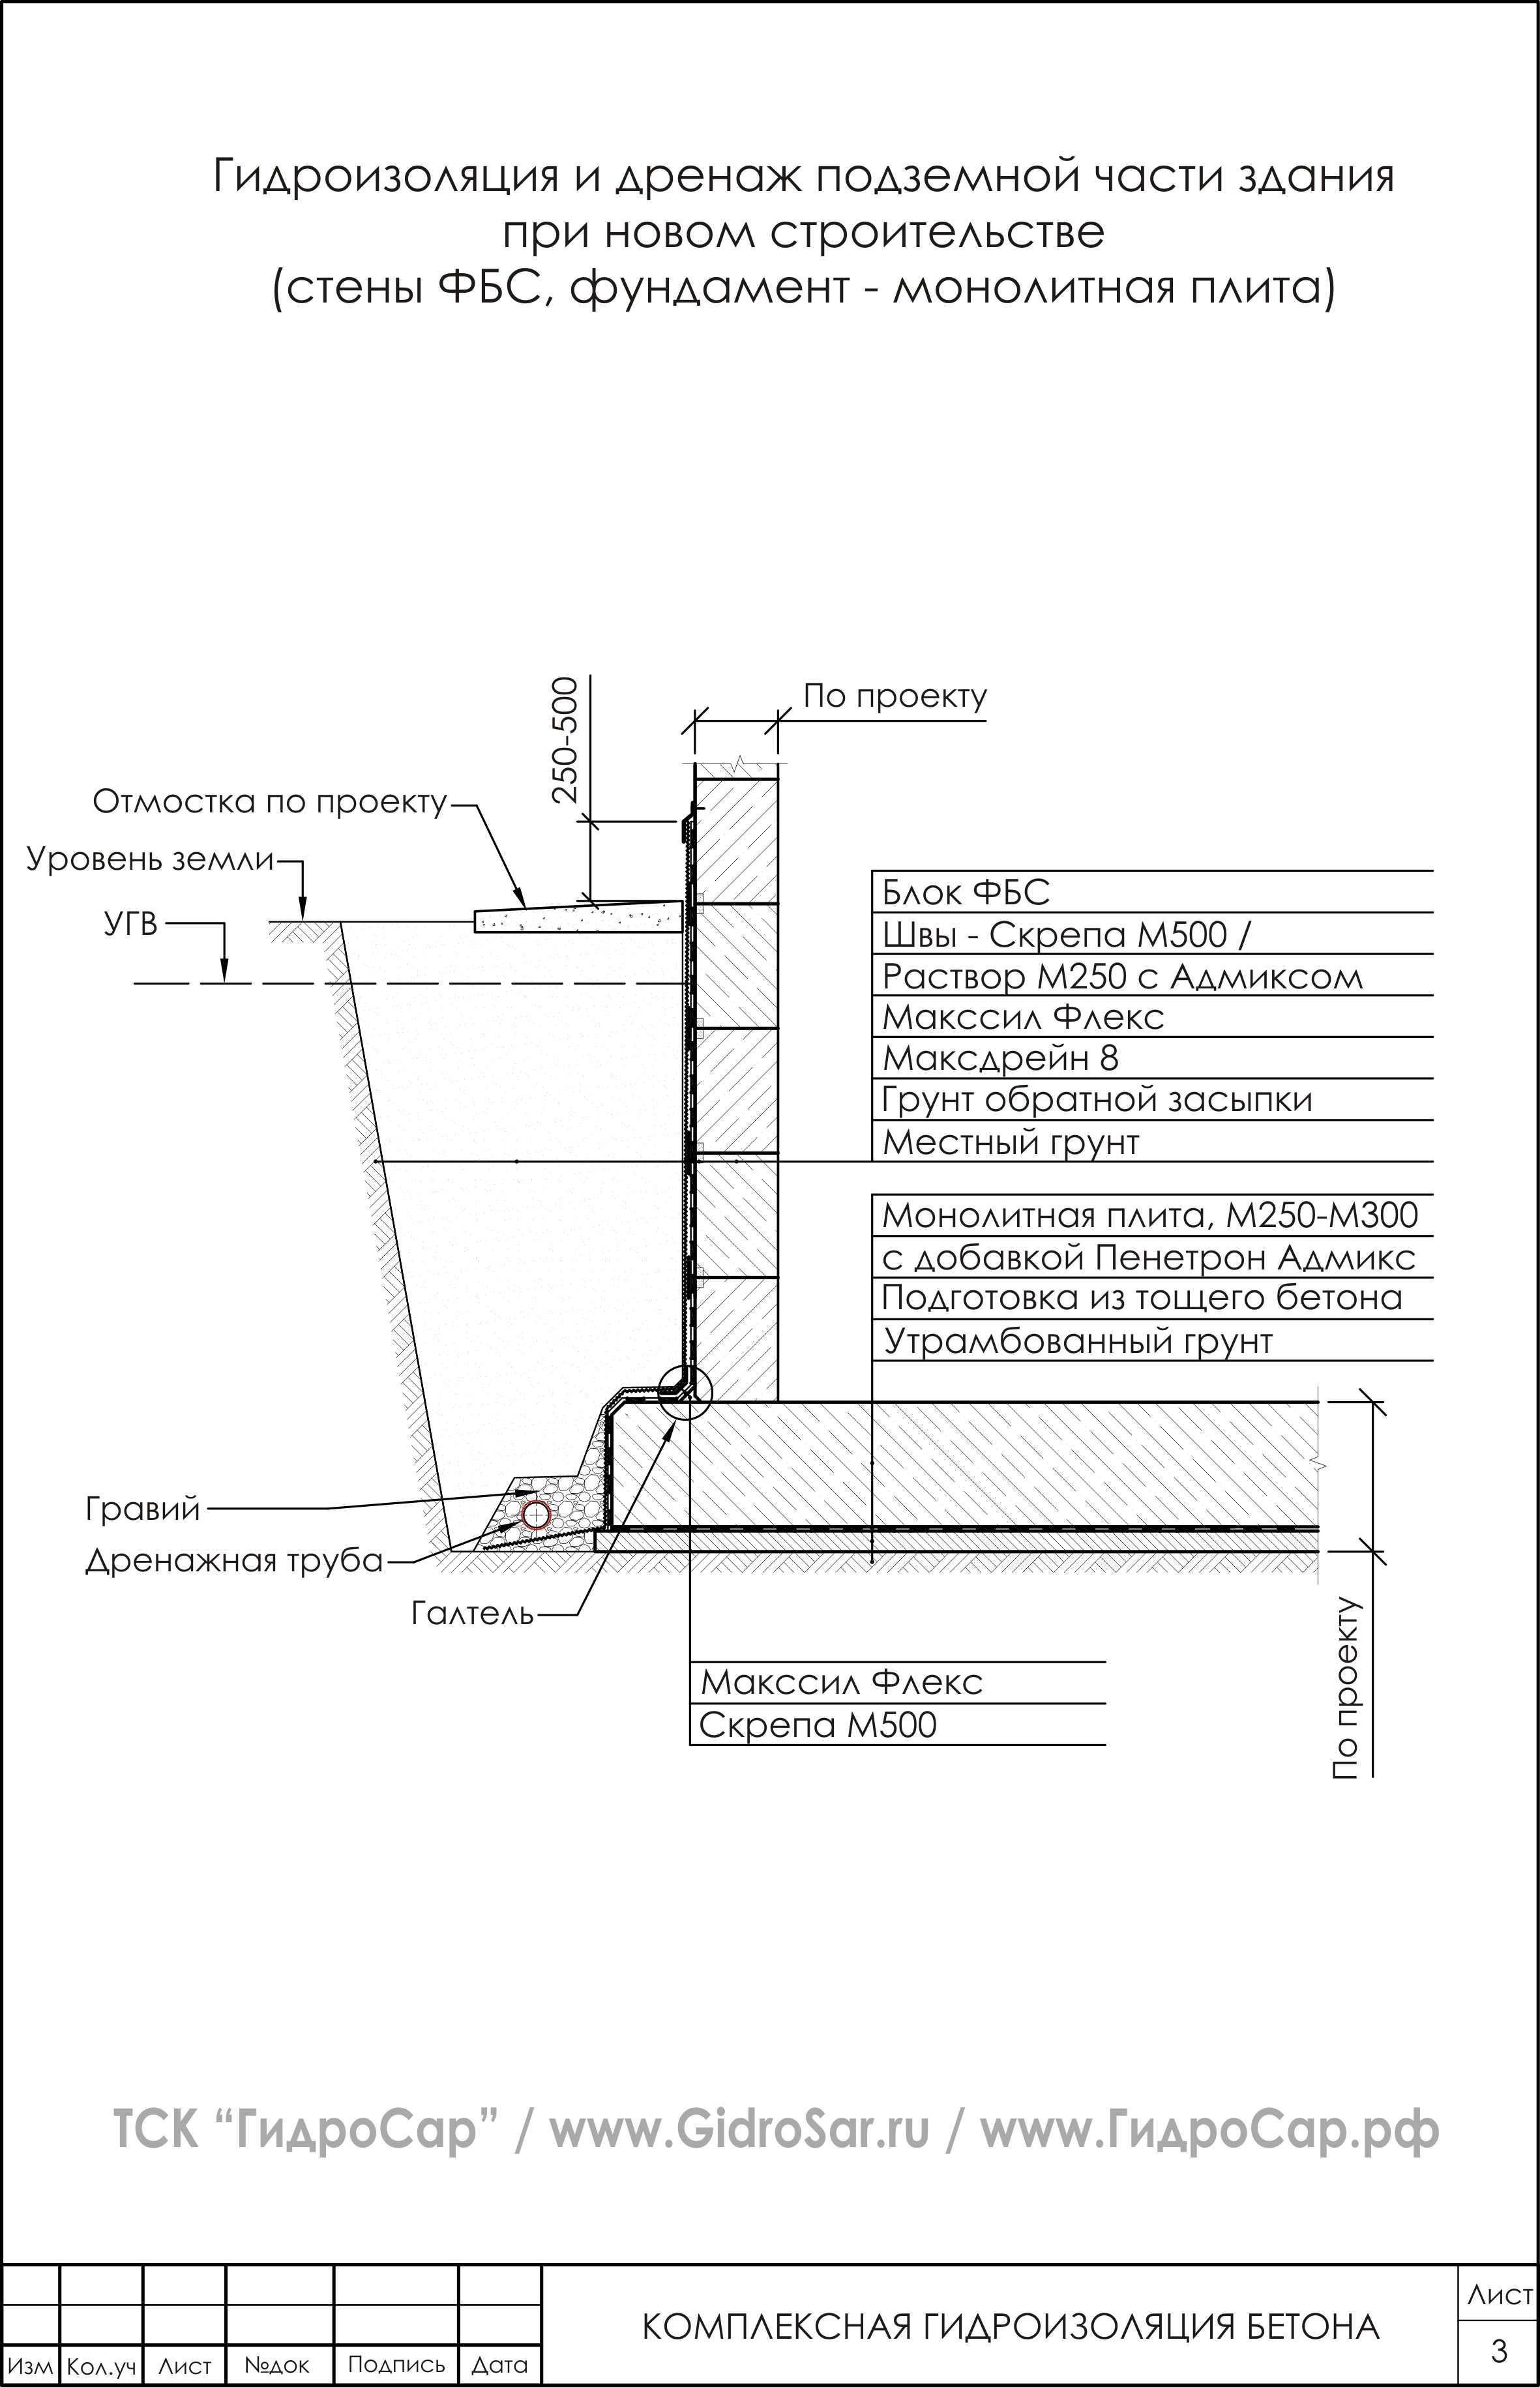 Гидроизоляция фундамента из блоков ФБС. Схема гидроизоляции.